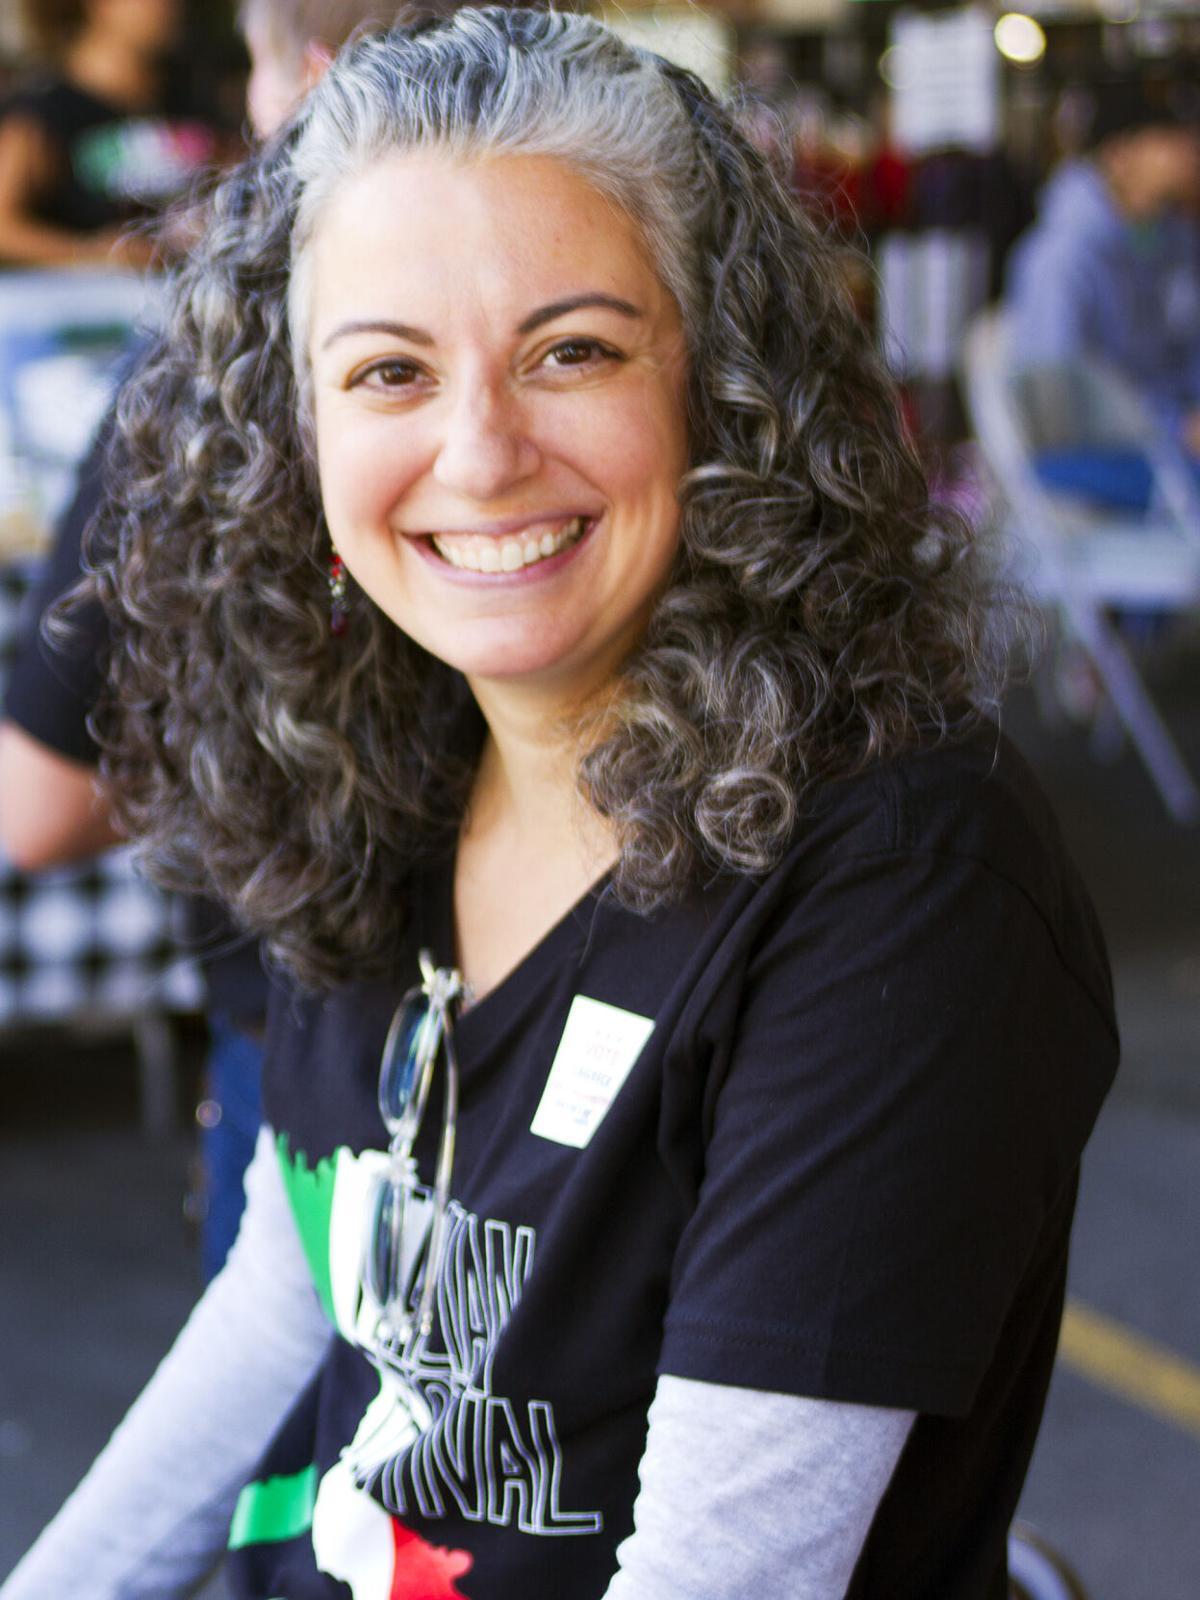 Lauren LaGreca